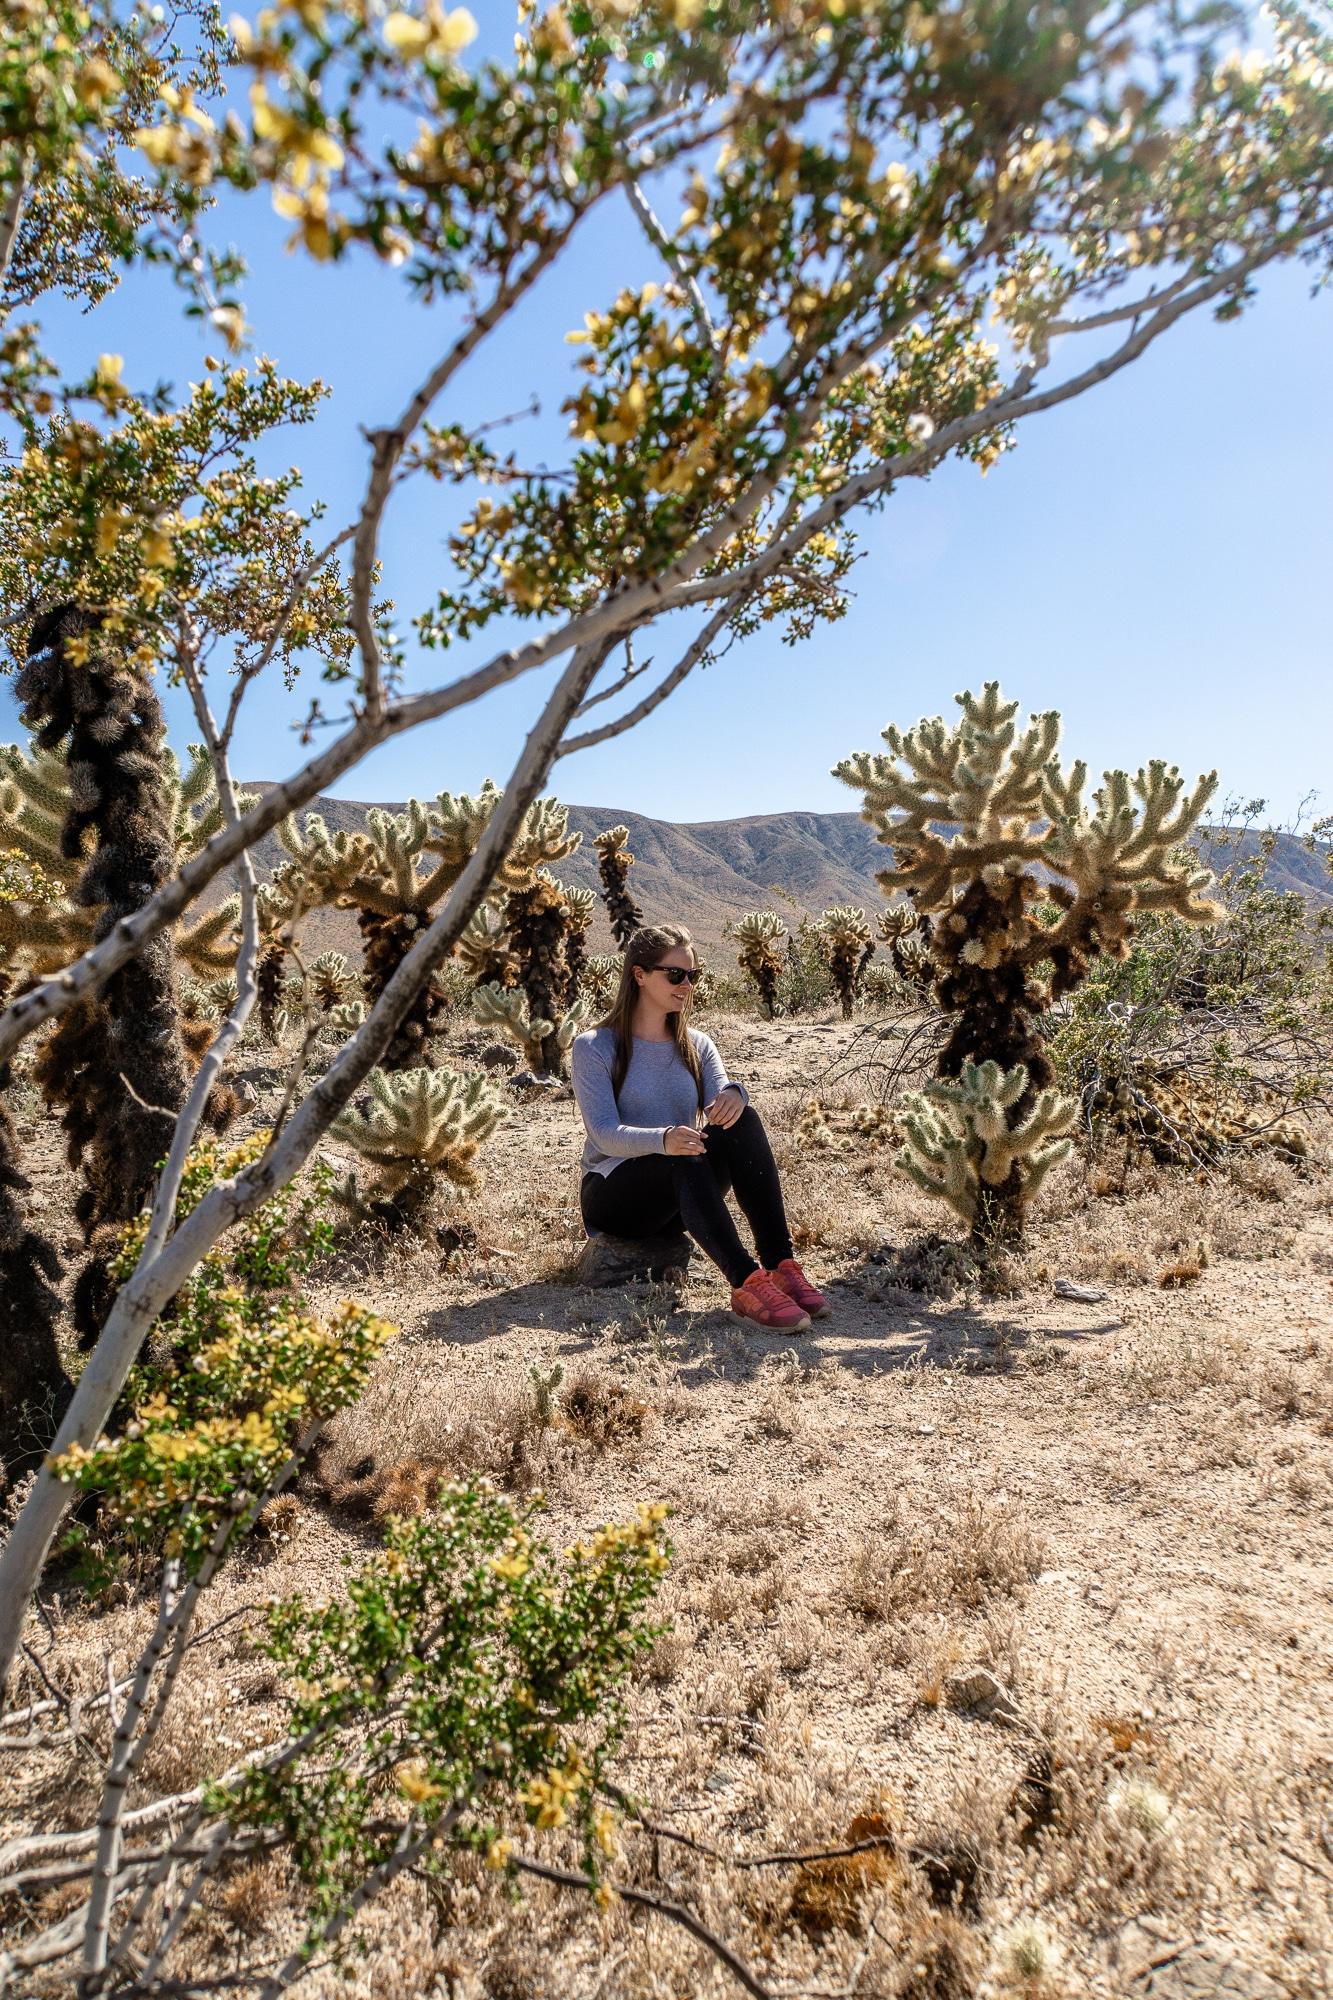 Joshua-Tree-Nationalpark: Die schönsten Sehenswürdigkeiten & Highlights - Cholla Cactus Garden